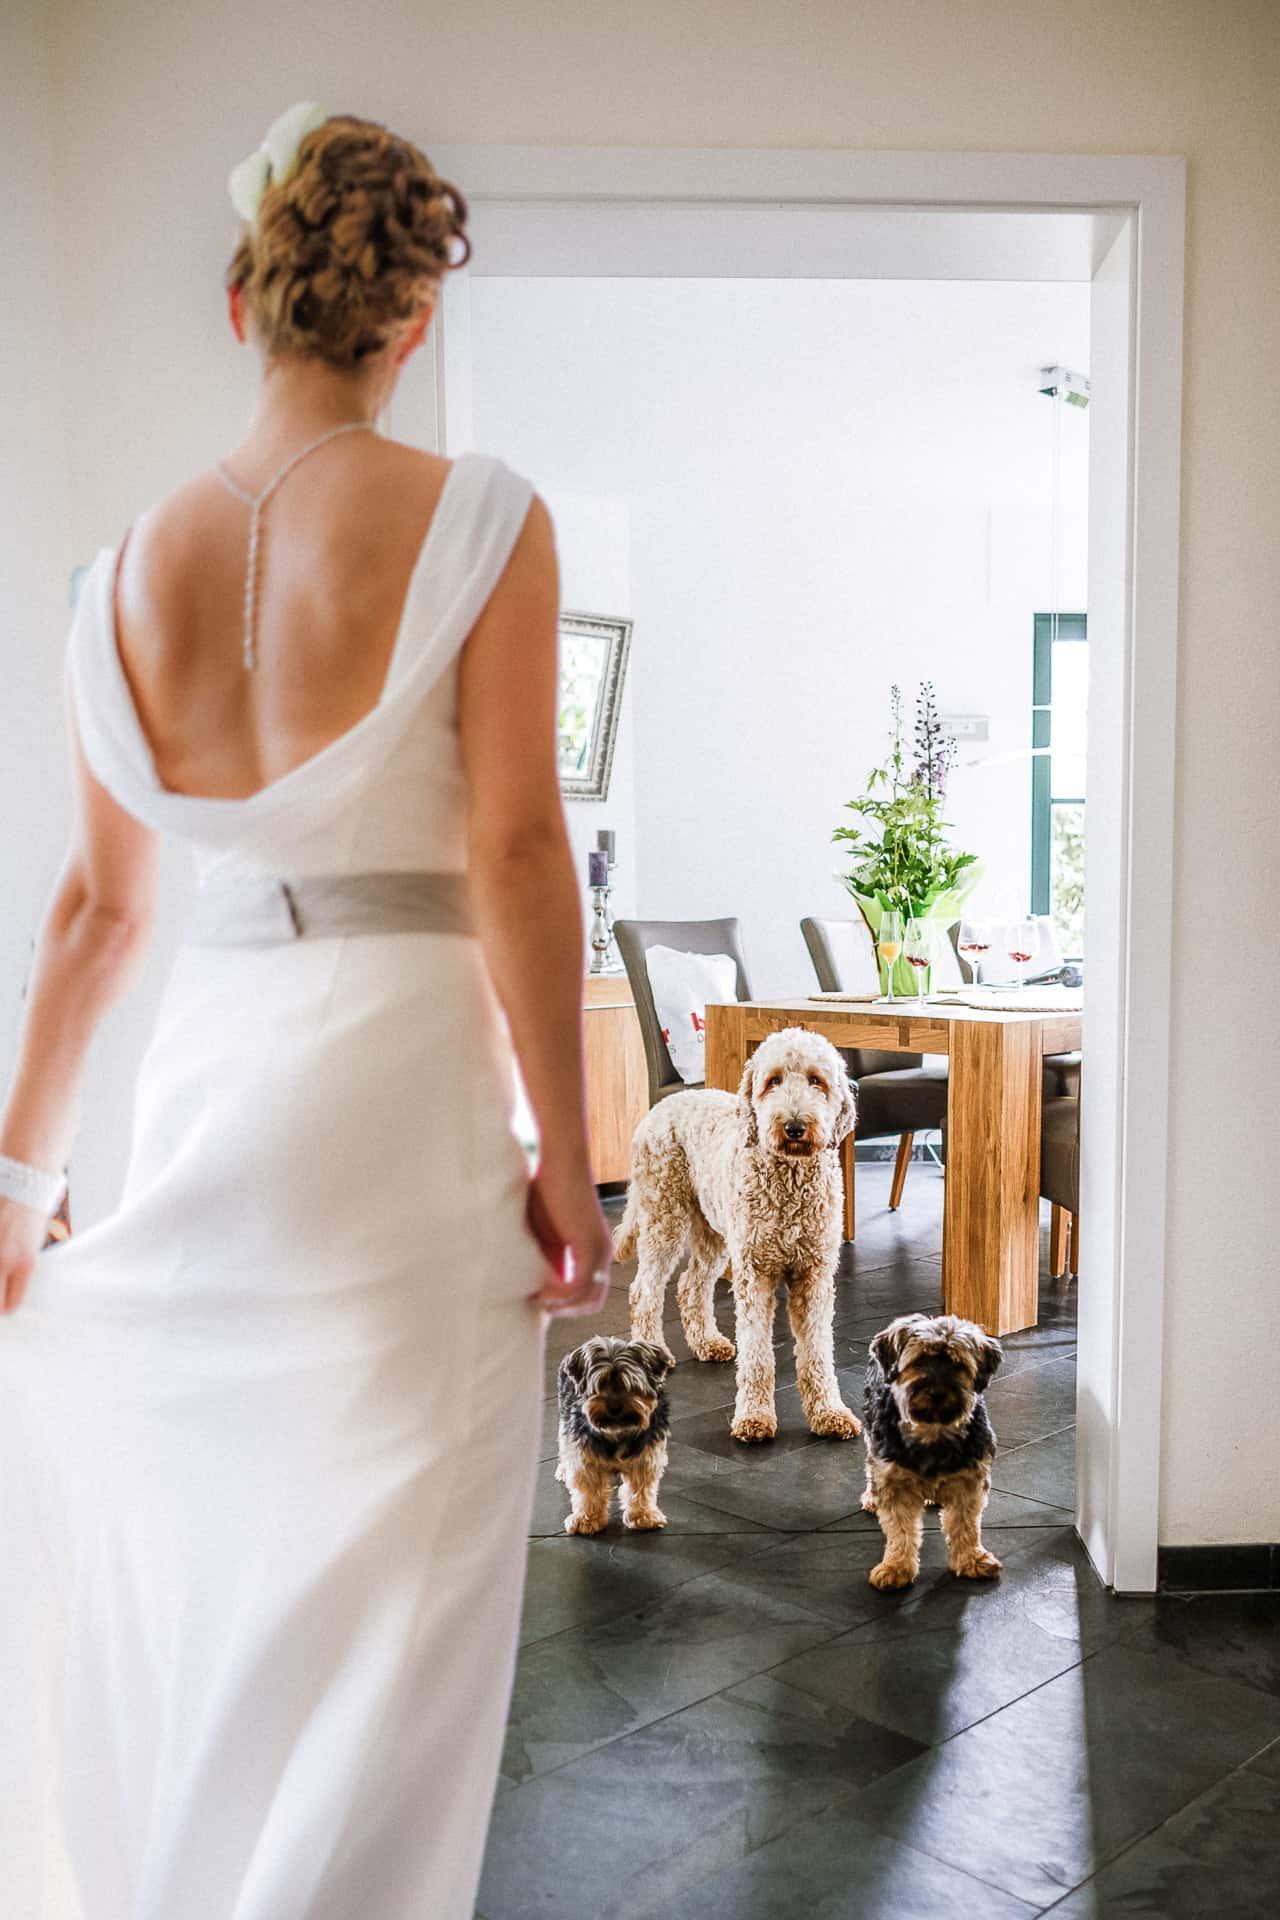 Die Braut wird verabschiedet. Sieger beim Fotowettbewerb.